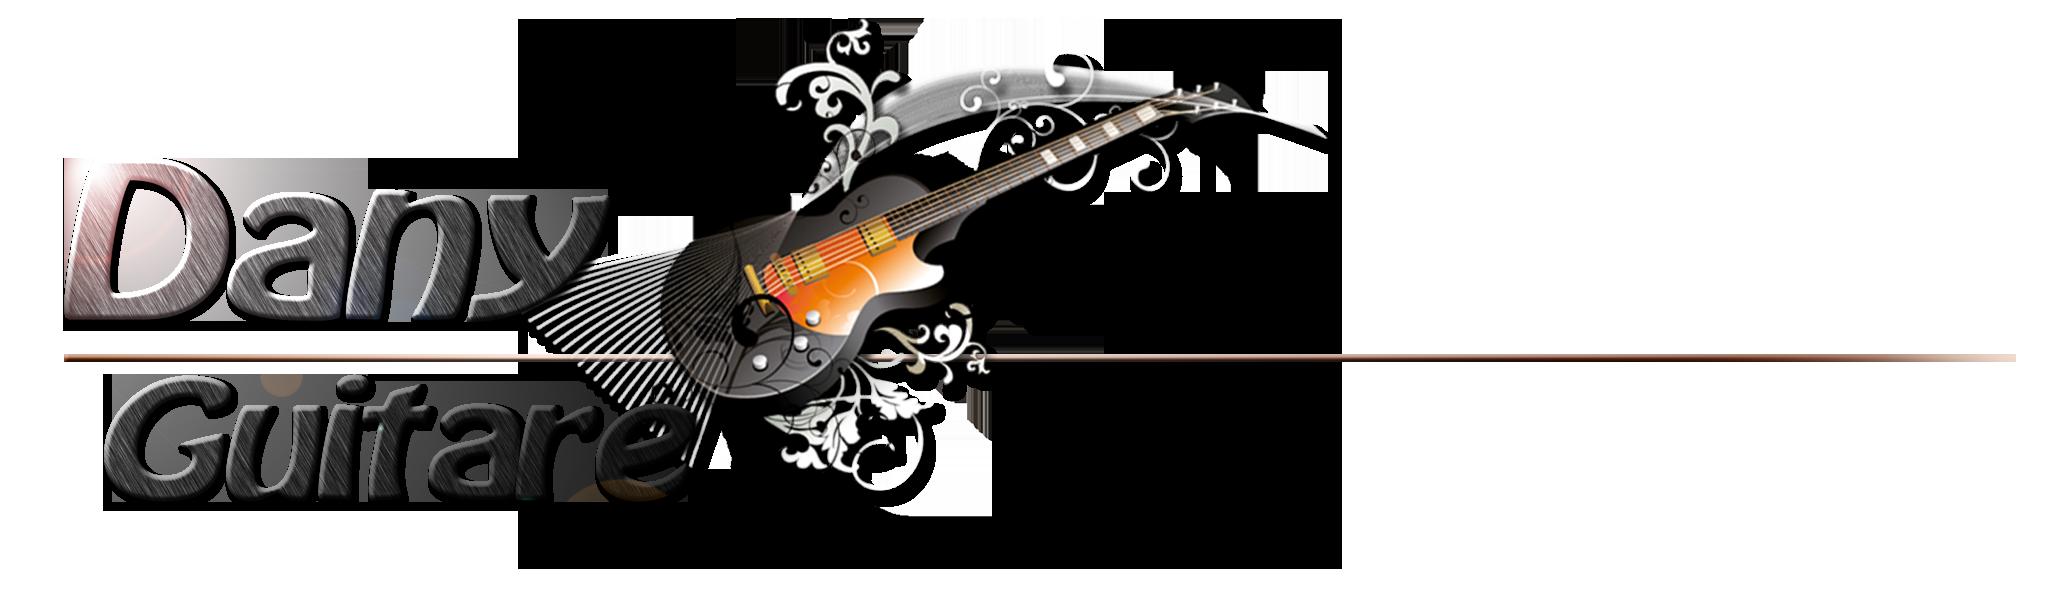 Dany Guitare